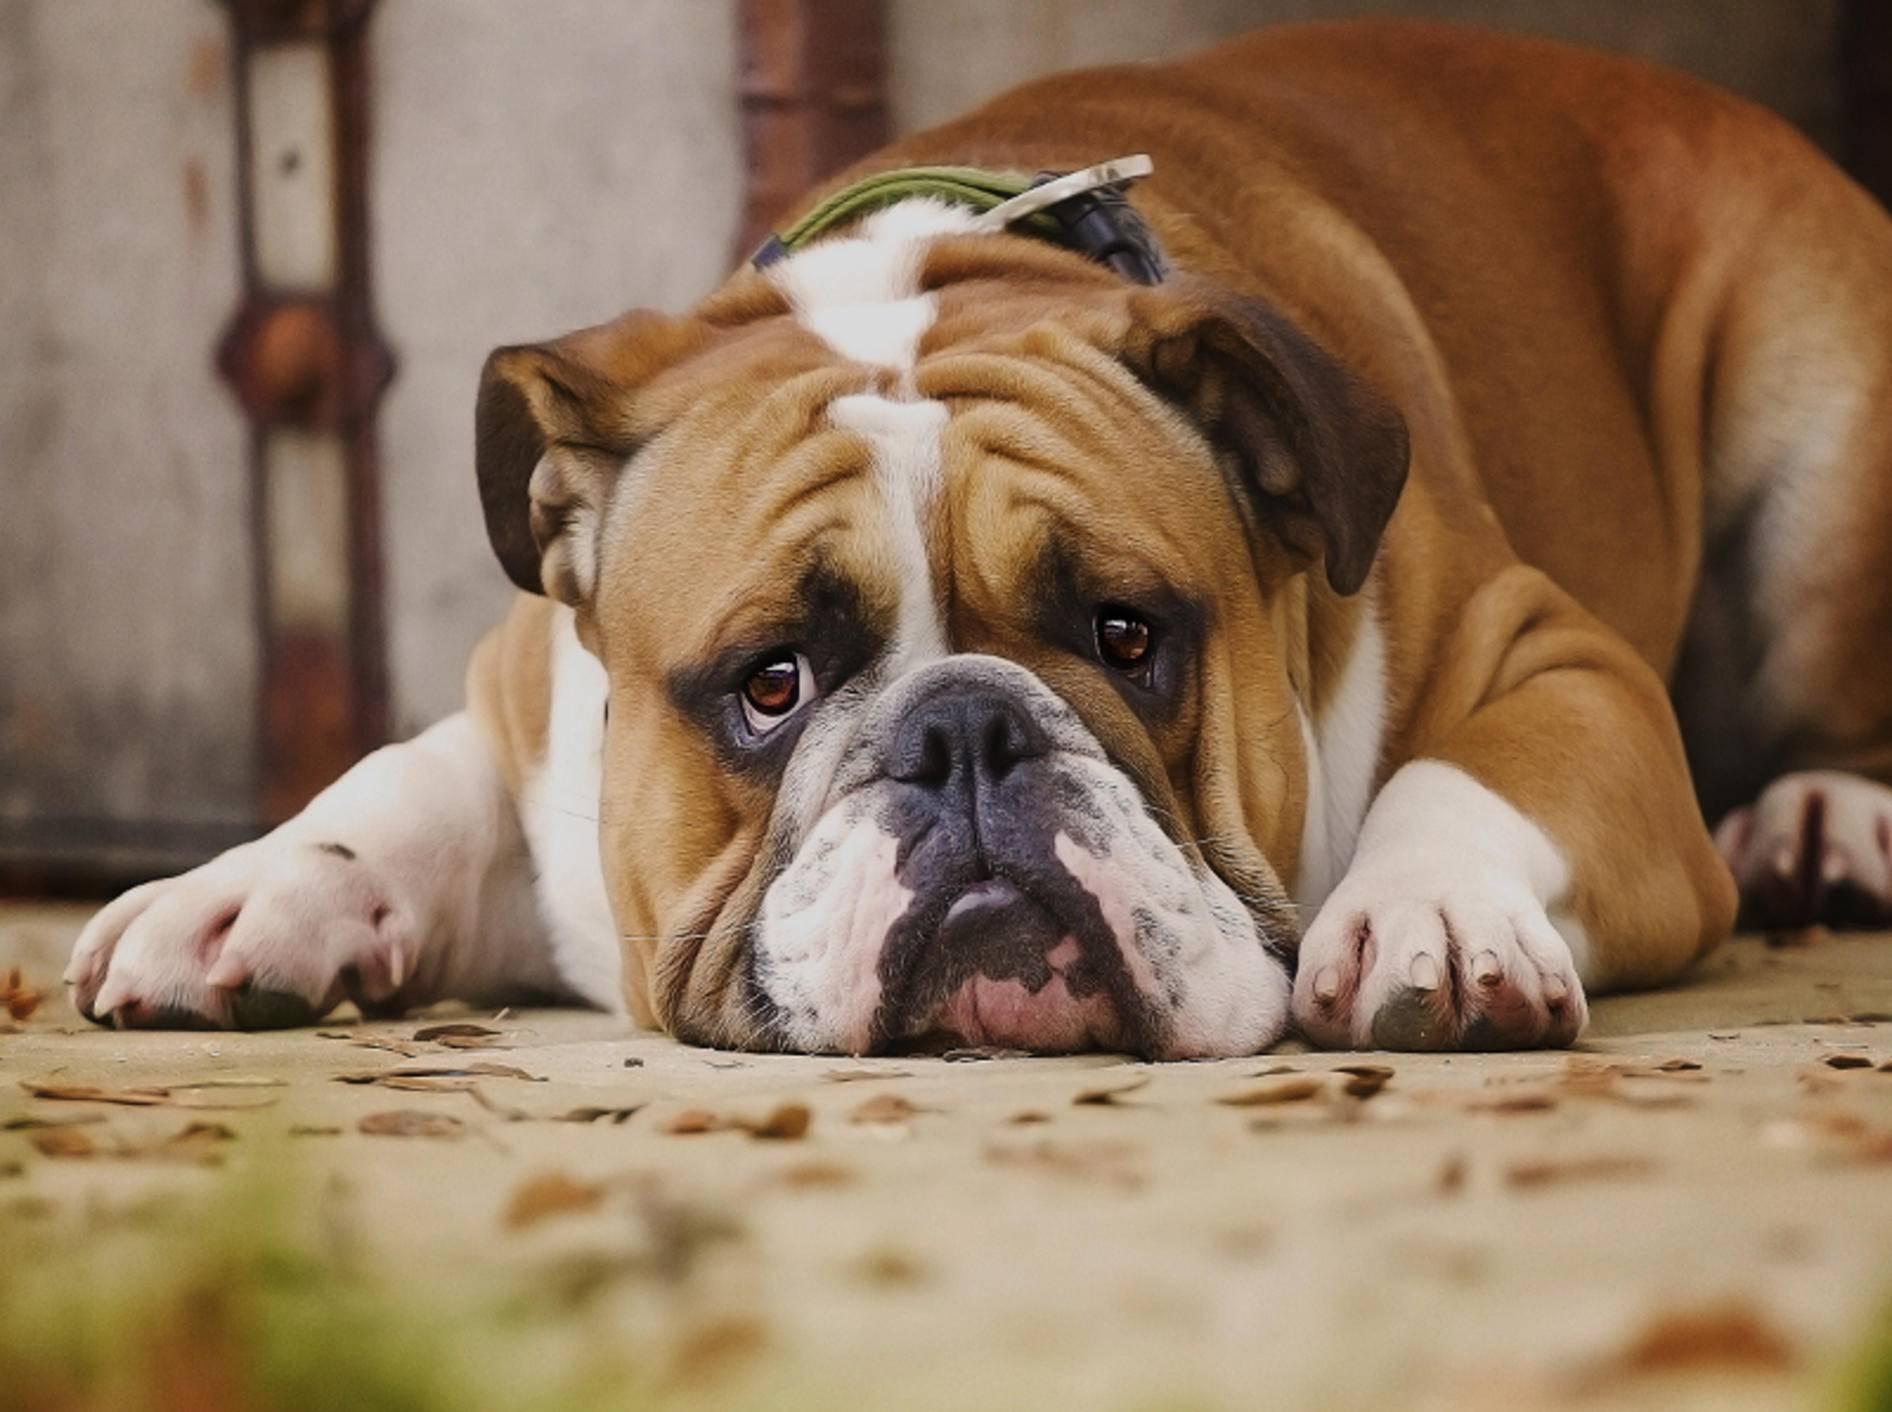 Hund mit Depressionen? Eine Therapie kann helfen – Shutterstock / Best dog photo